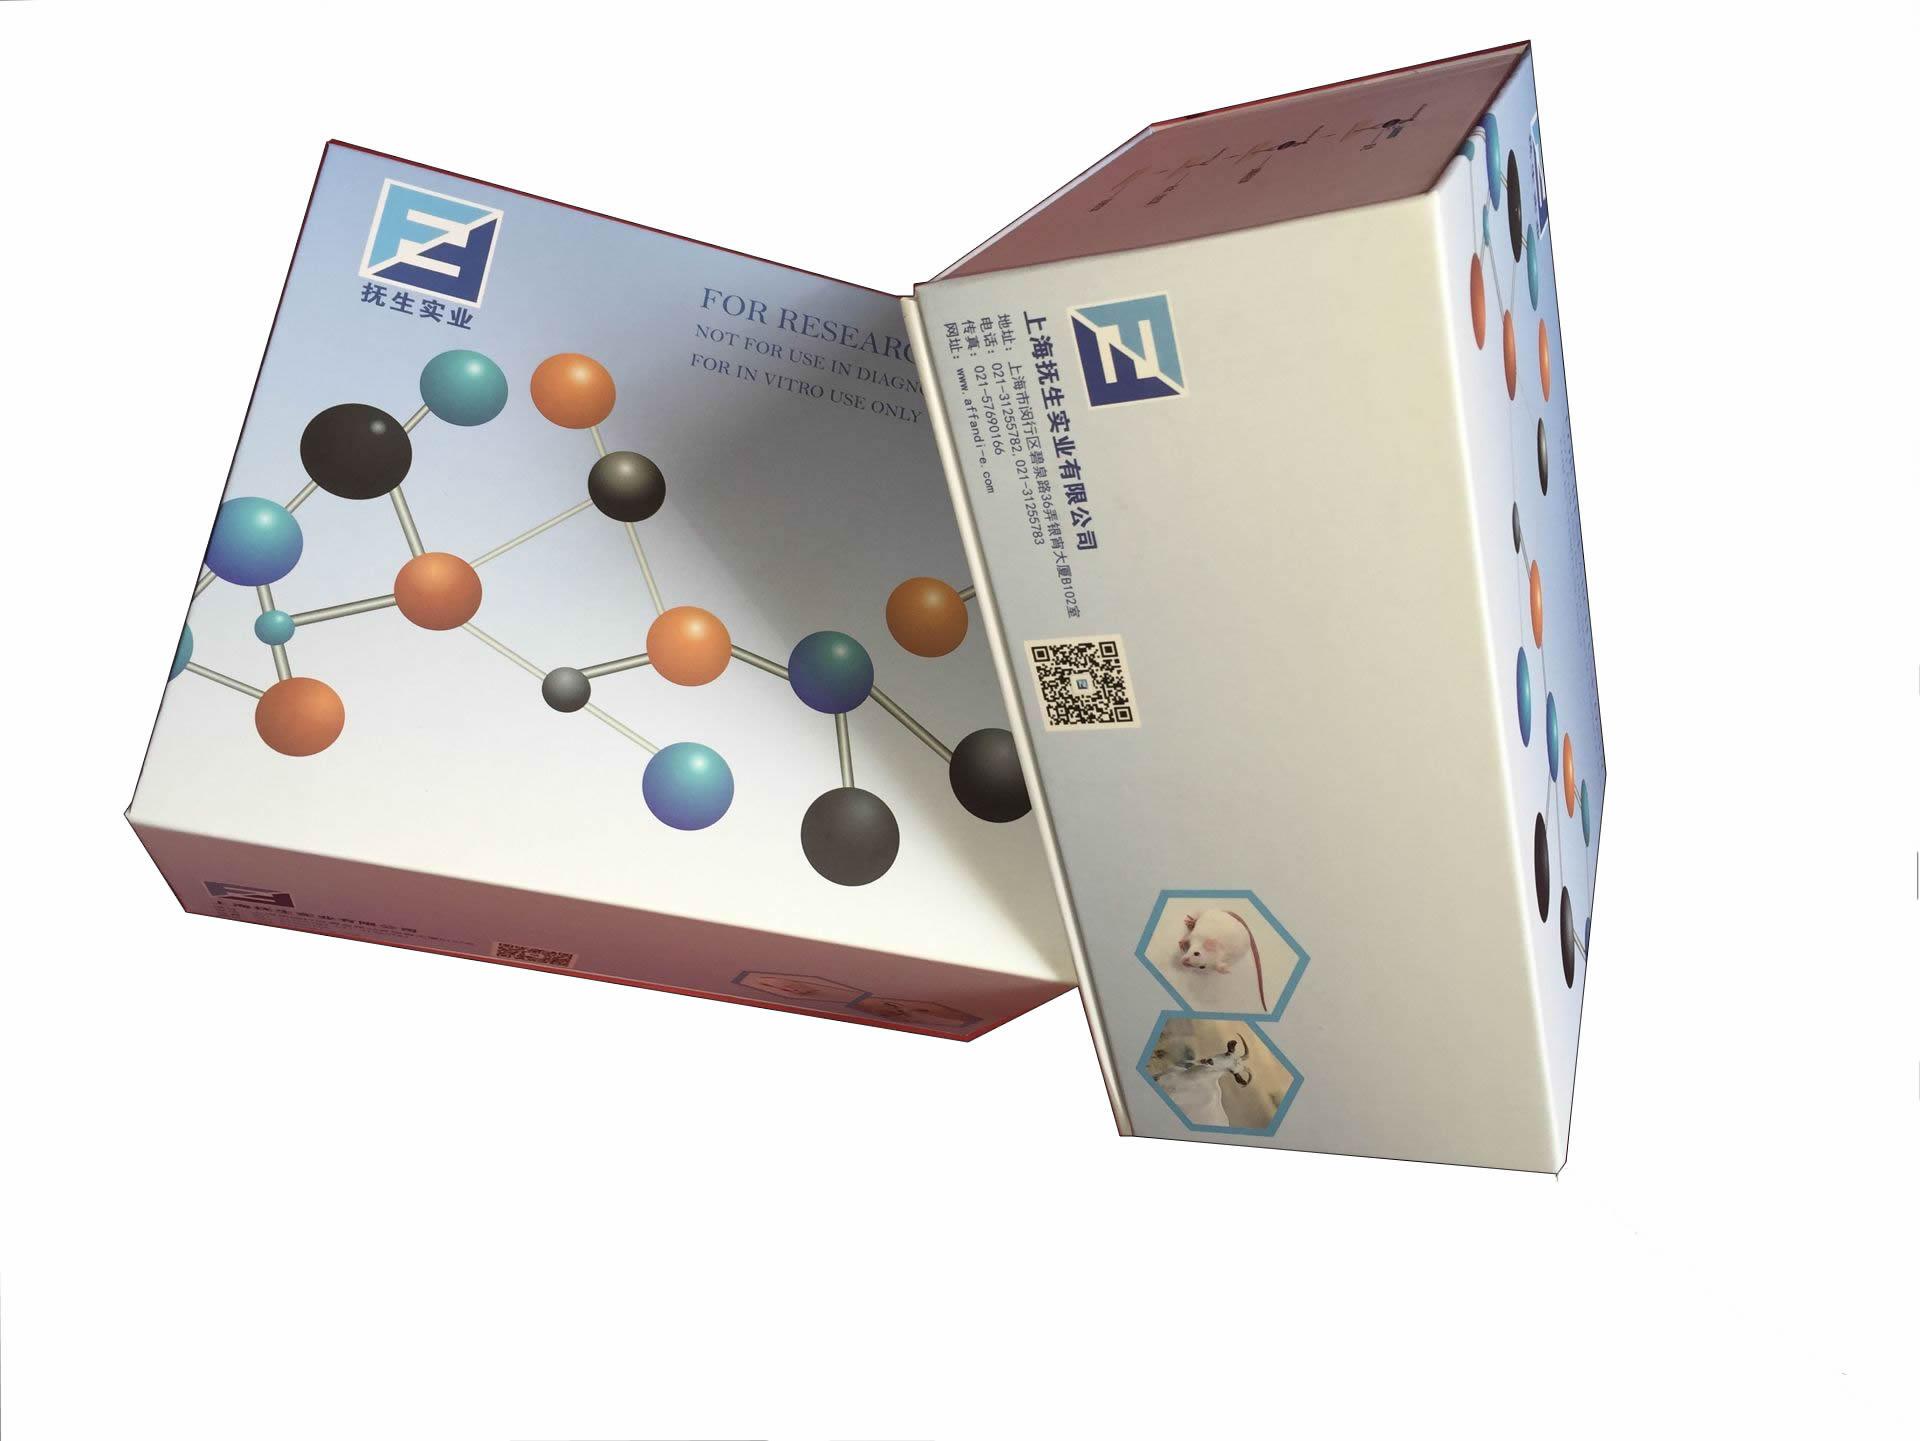 禽流感Re7抗原检测试剂盒